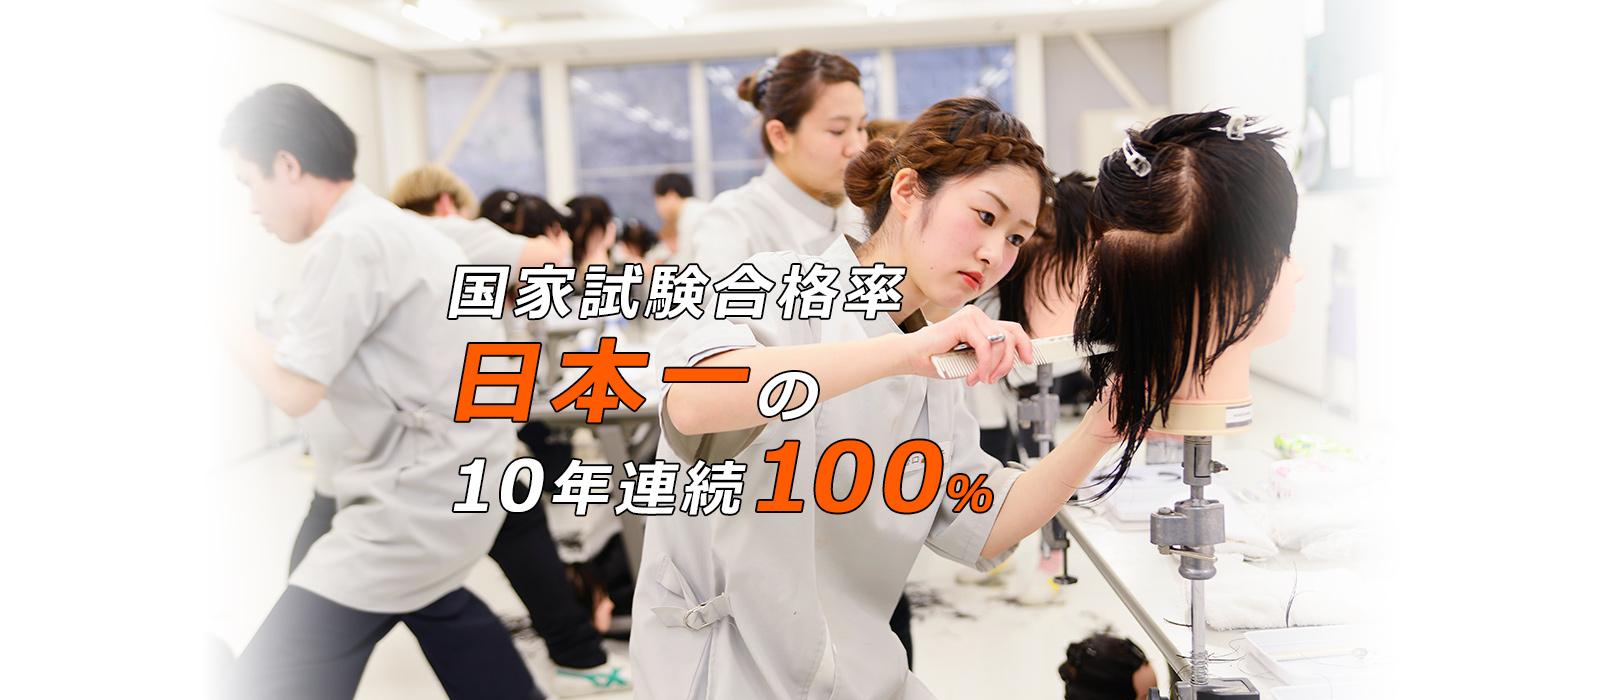 国家試験合格率日本一